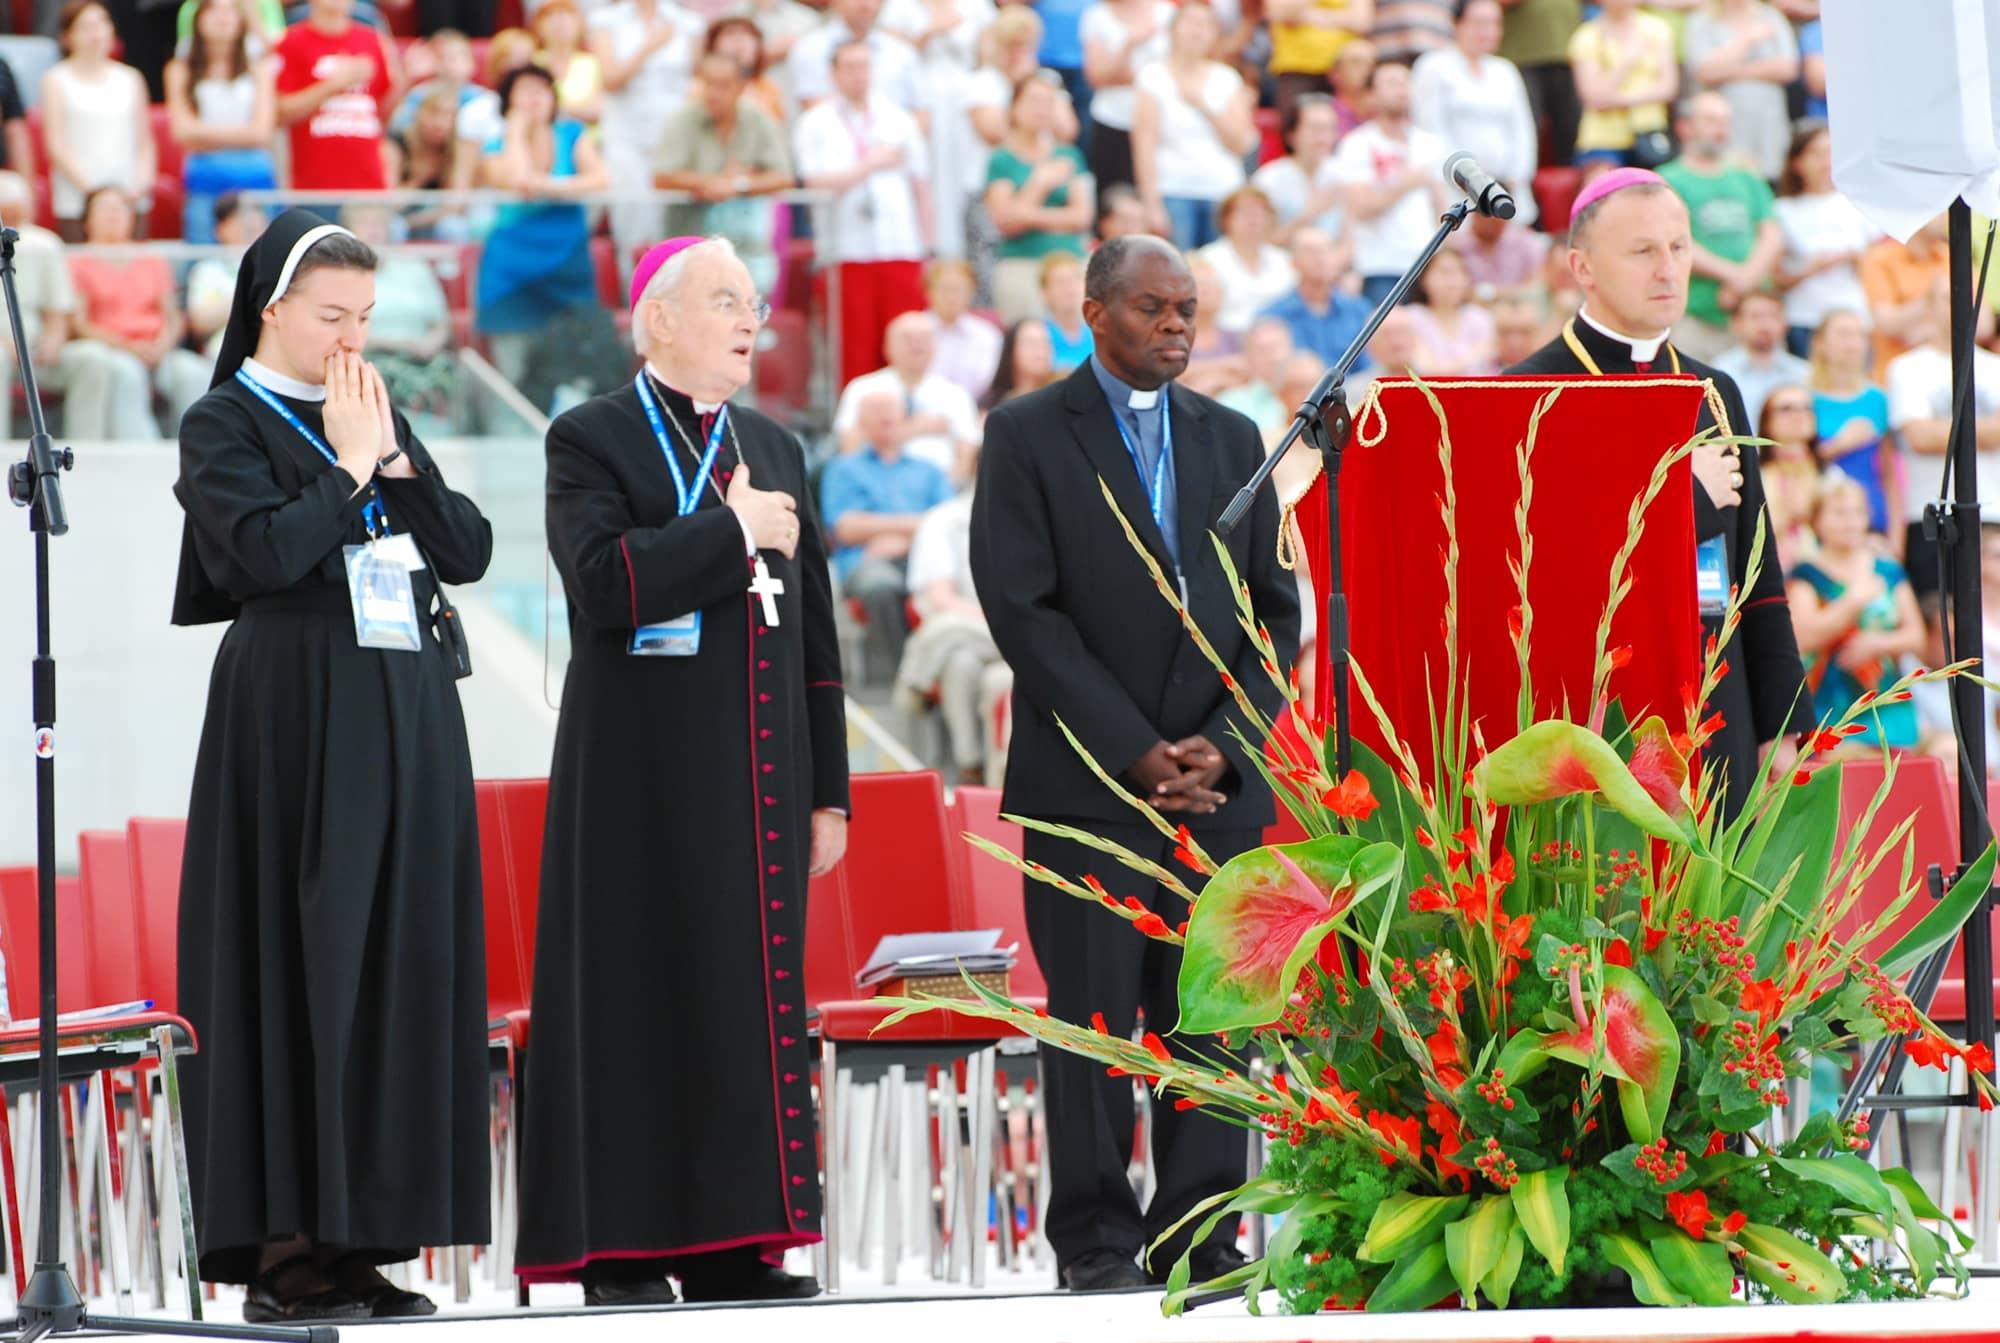 Wspólnota, Wspólnota Jednego Ducha, Jezus na stadionie, 2013.07.06